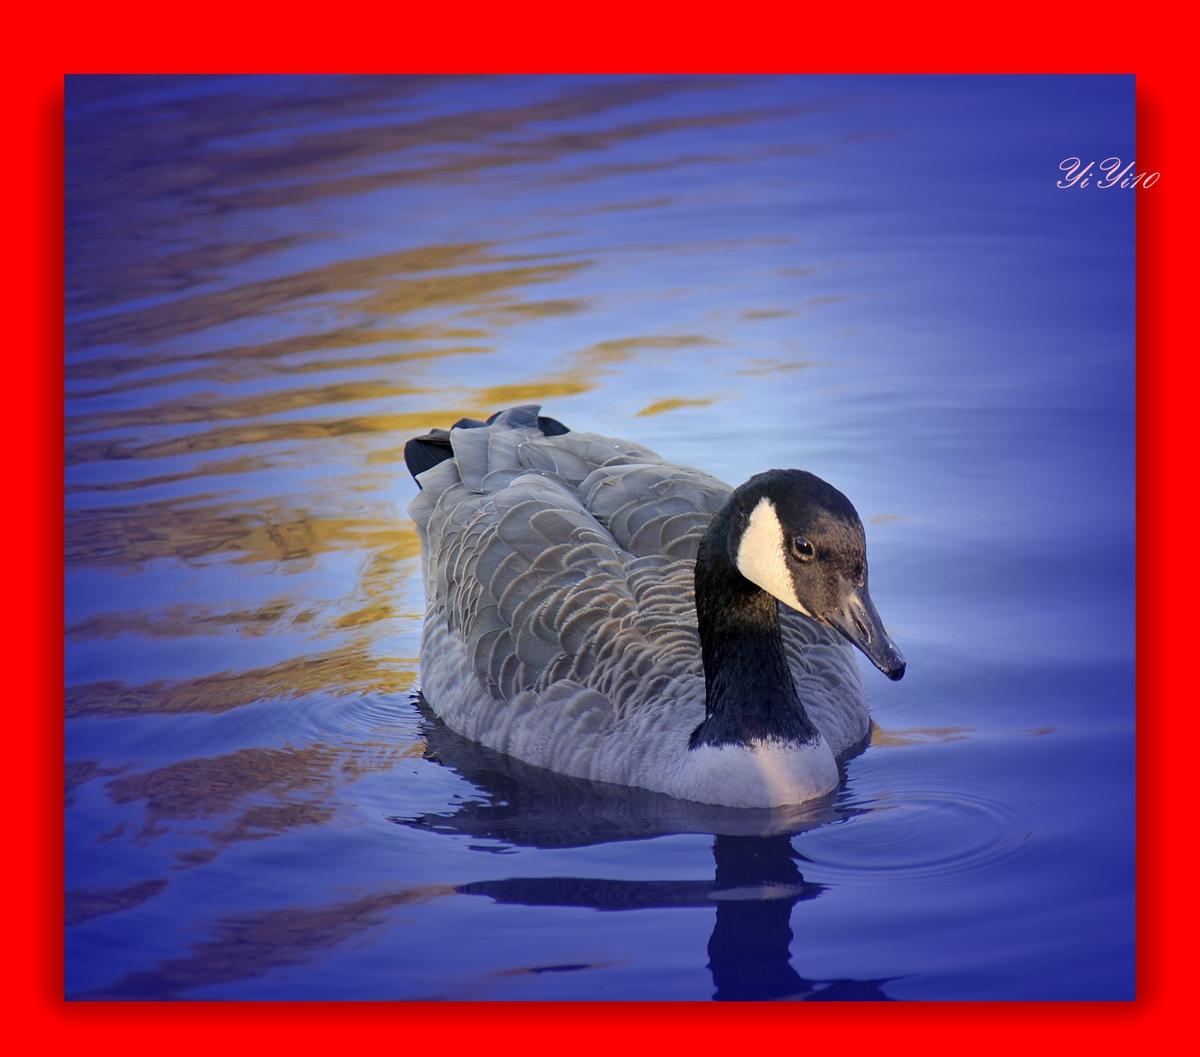 【原创】水上的小朋友们(摄影)_图1-7